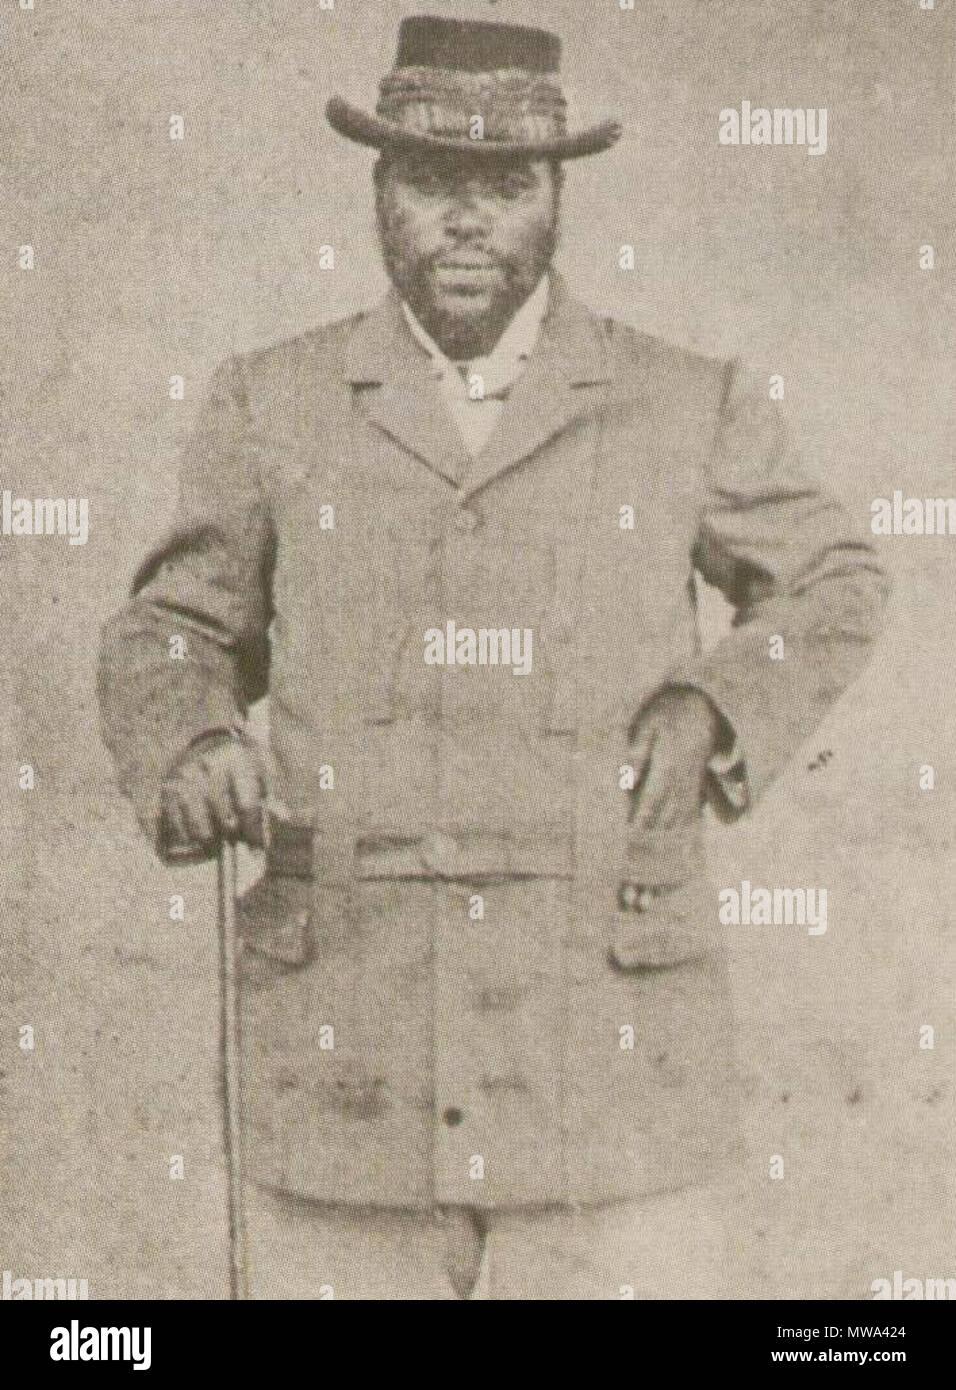 . Capo Sigcawu. Pondo leader. 23 marzo 2011 (data di caricamento) fotografia dai primi 1800s. Gli archivi del capo 126 Chief Sigcawu di Pondoland e la colonia del Capo Immagini Stock